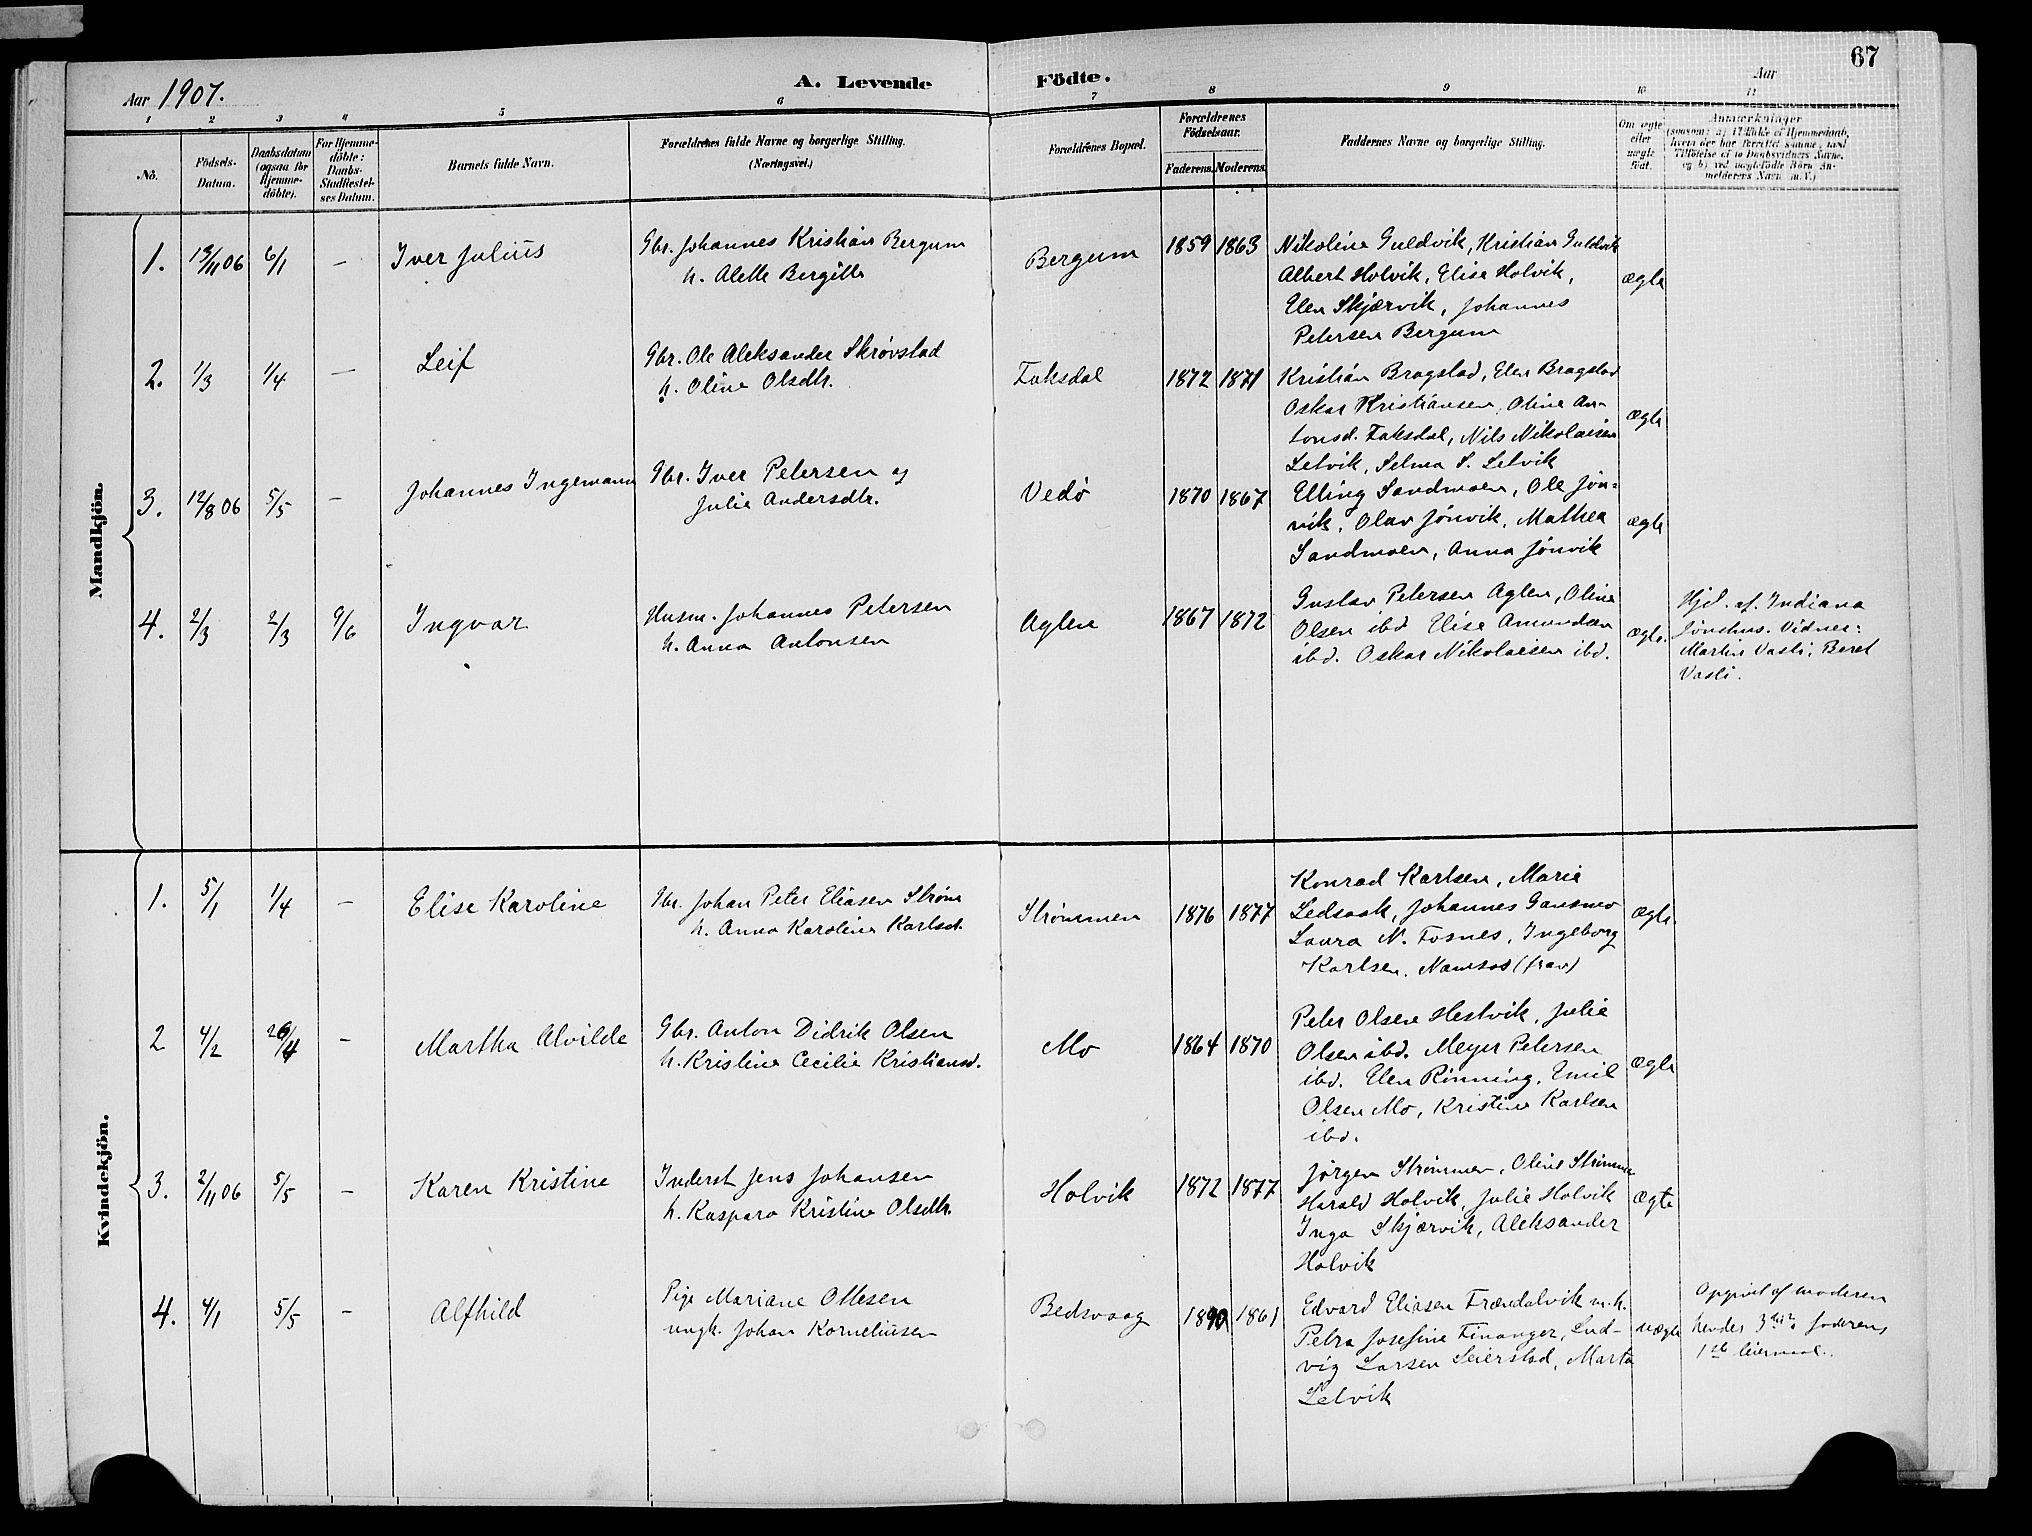 SAT, Ministerialprotokoller, klokkerbøker og fødselsregistre - Nord-Trøndelag, 773/L0617: Ministerialbok nr. 773A08, 1887-1910, s. 67